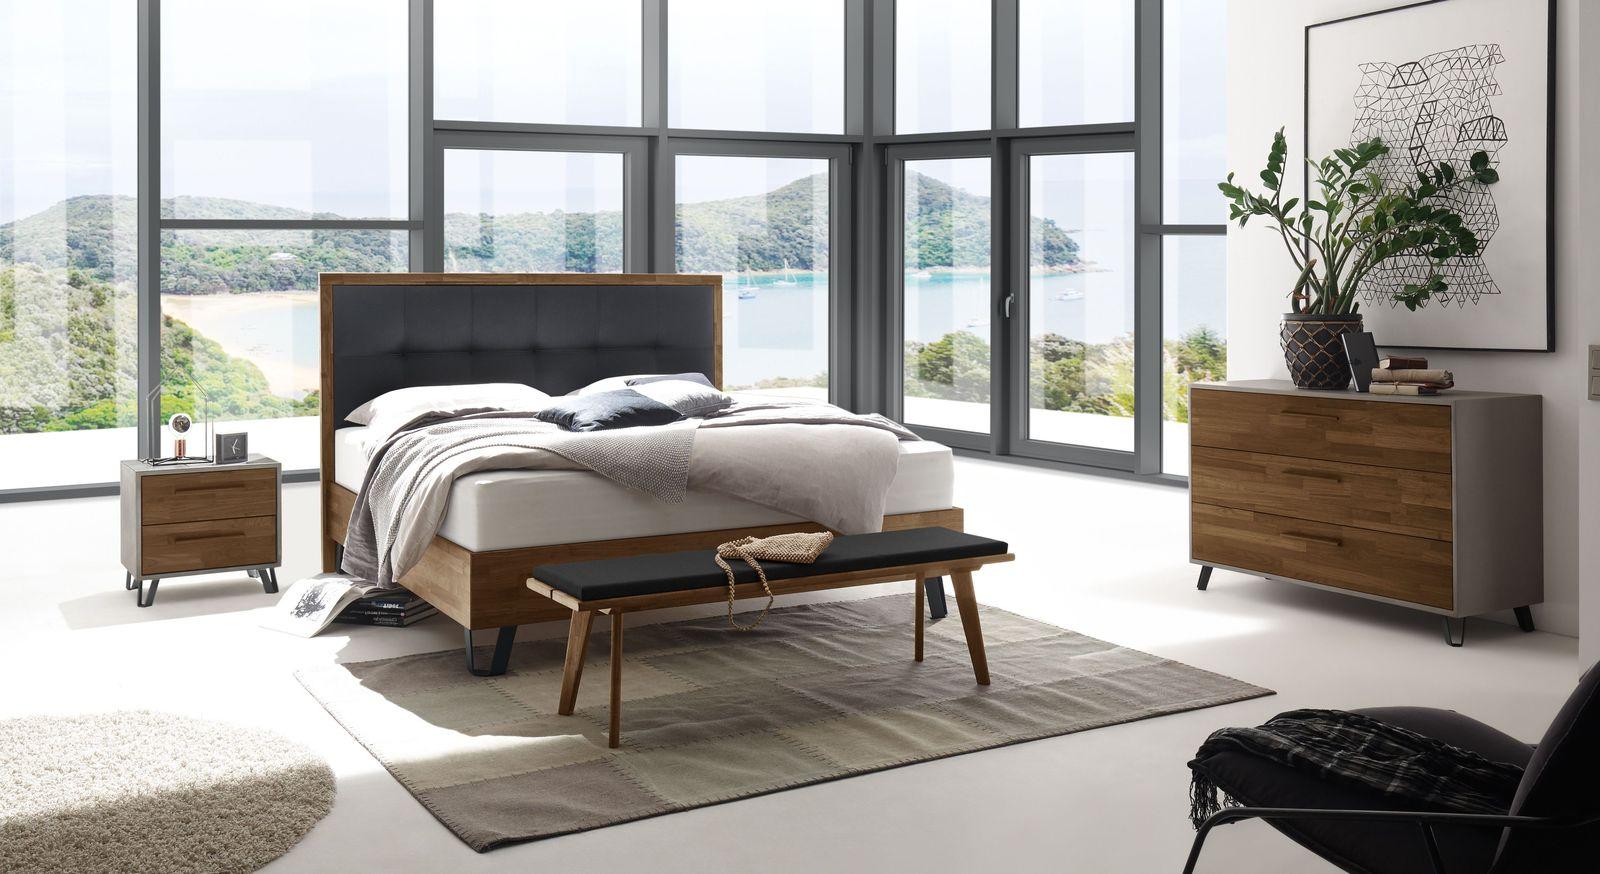 Boxspringbett Sagunto mit passender Schlafzimmer-Ausstattung